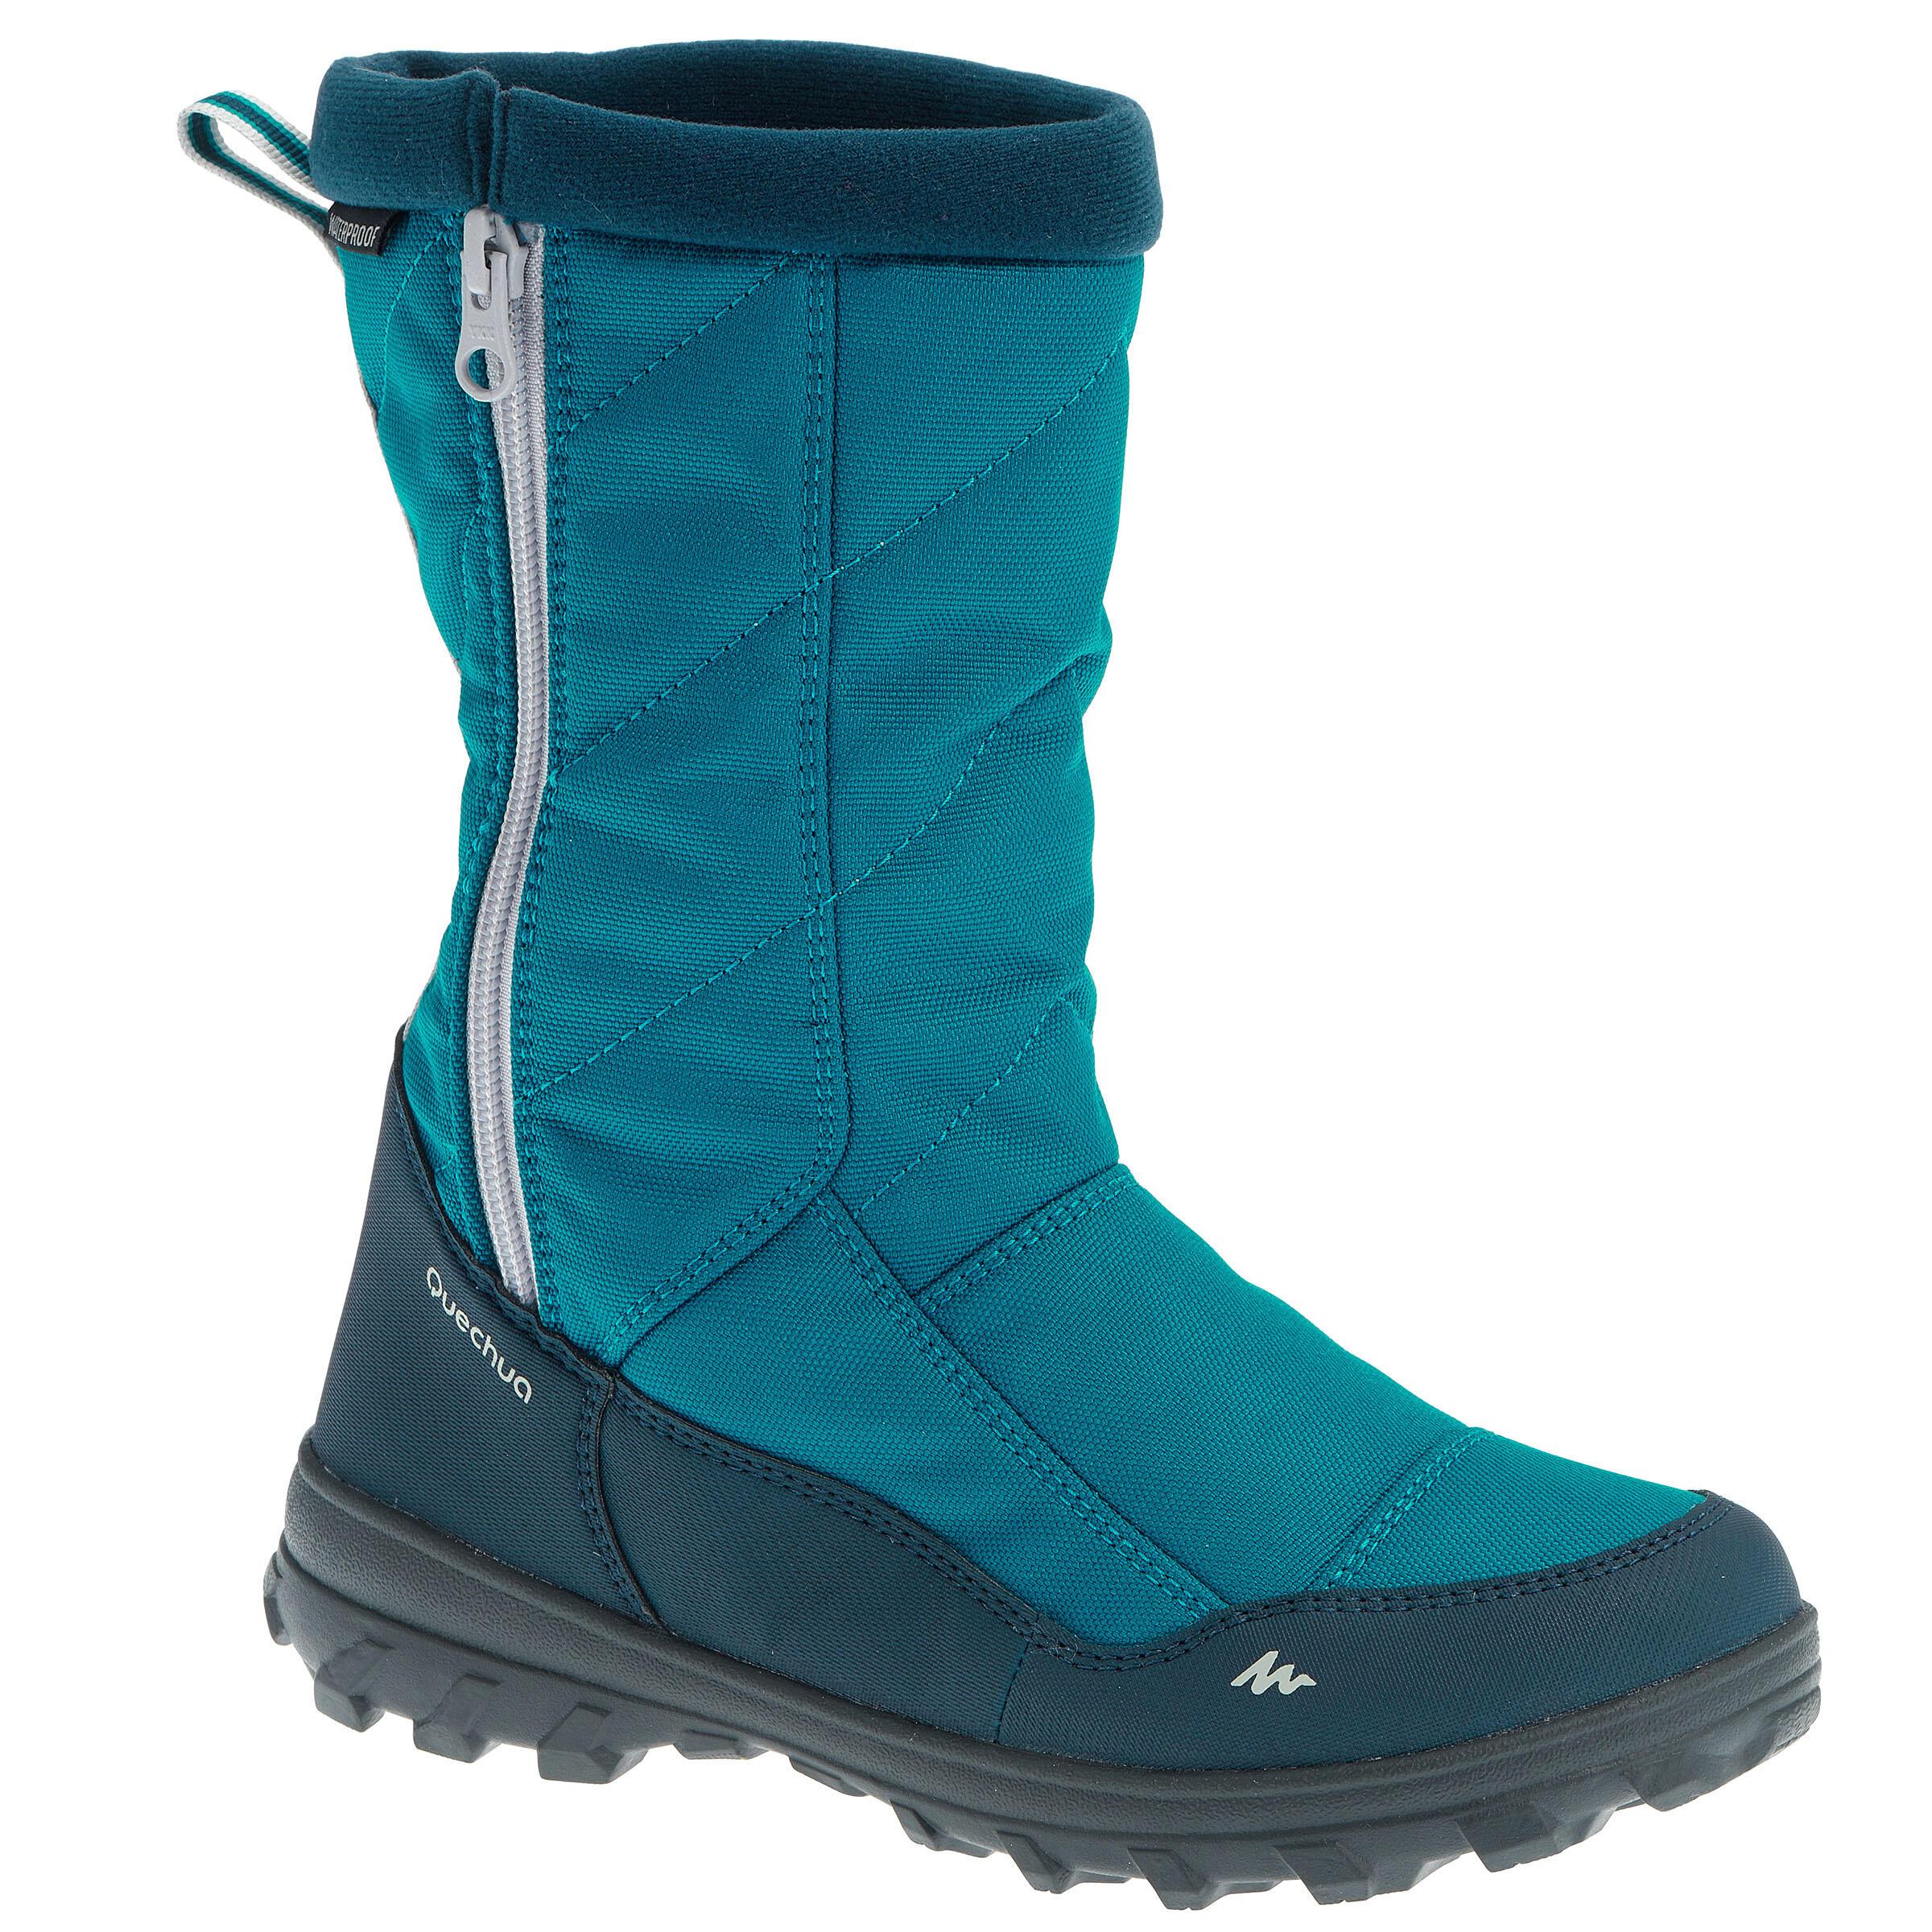 Bottes de randonnée neige junior SH500 CHAUDES bleues